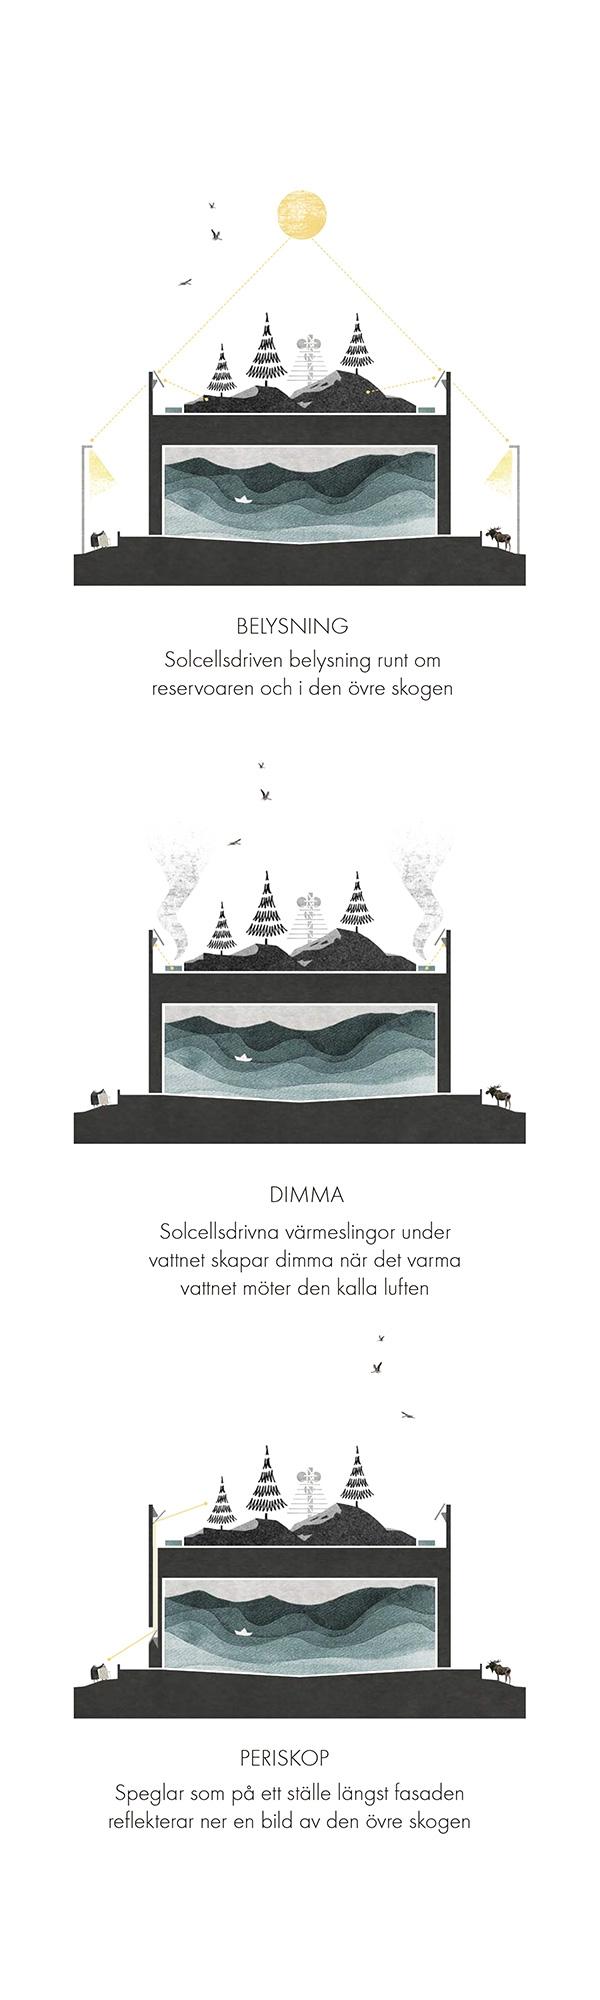 Krook-Tjäder-.-Adolfsberg-water-deposit-.-Örebro-4.jpg